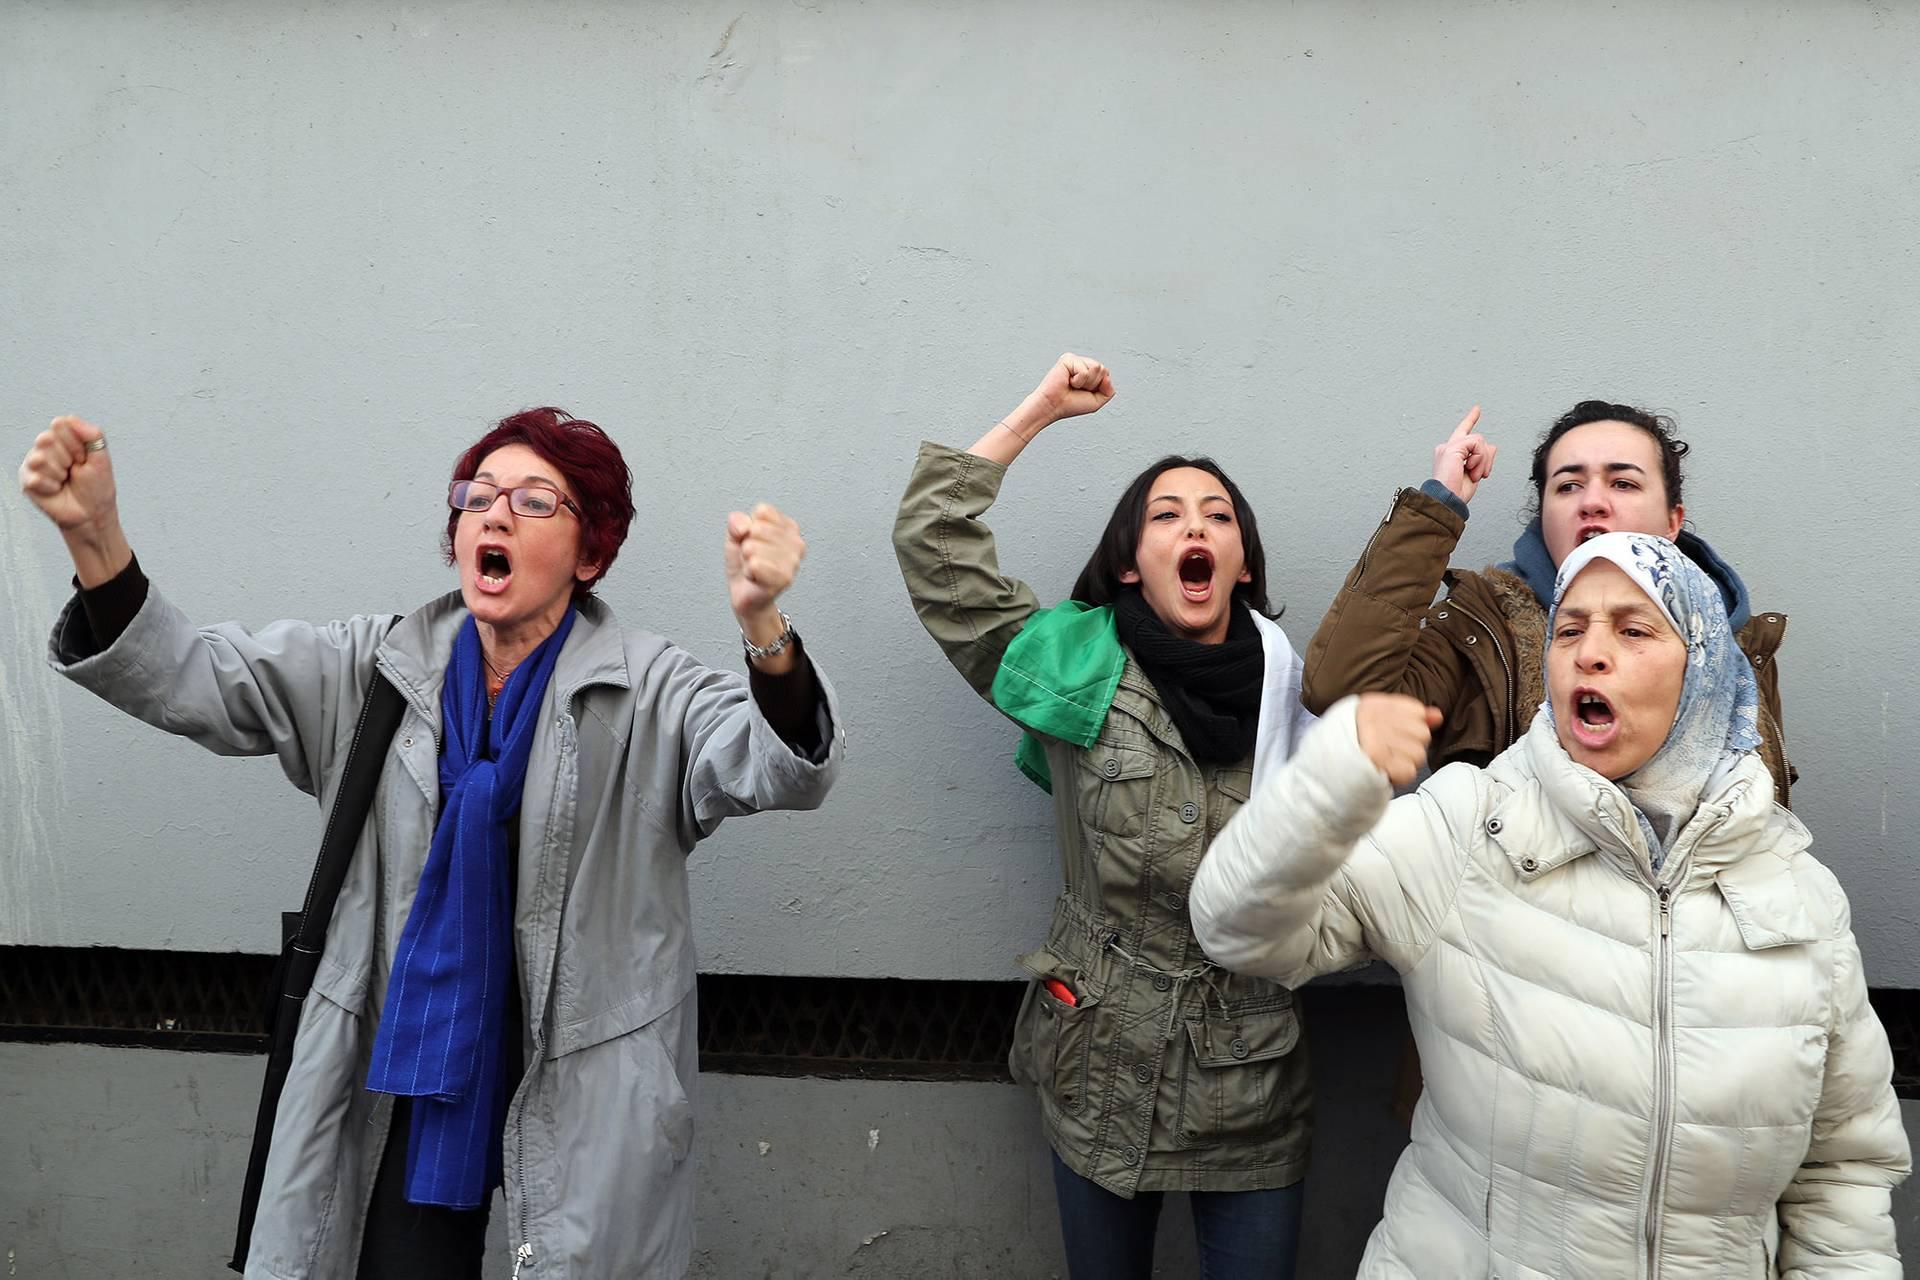 Жінки-протестувальниці вигукують гасла на вулиці в Алжирі, Алжир, 22 лютого 2019 року